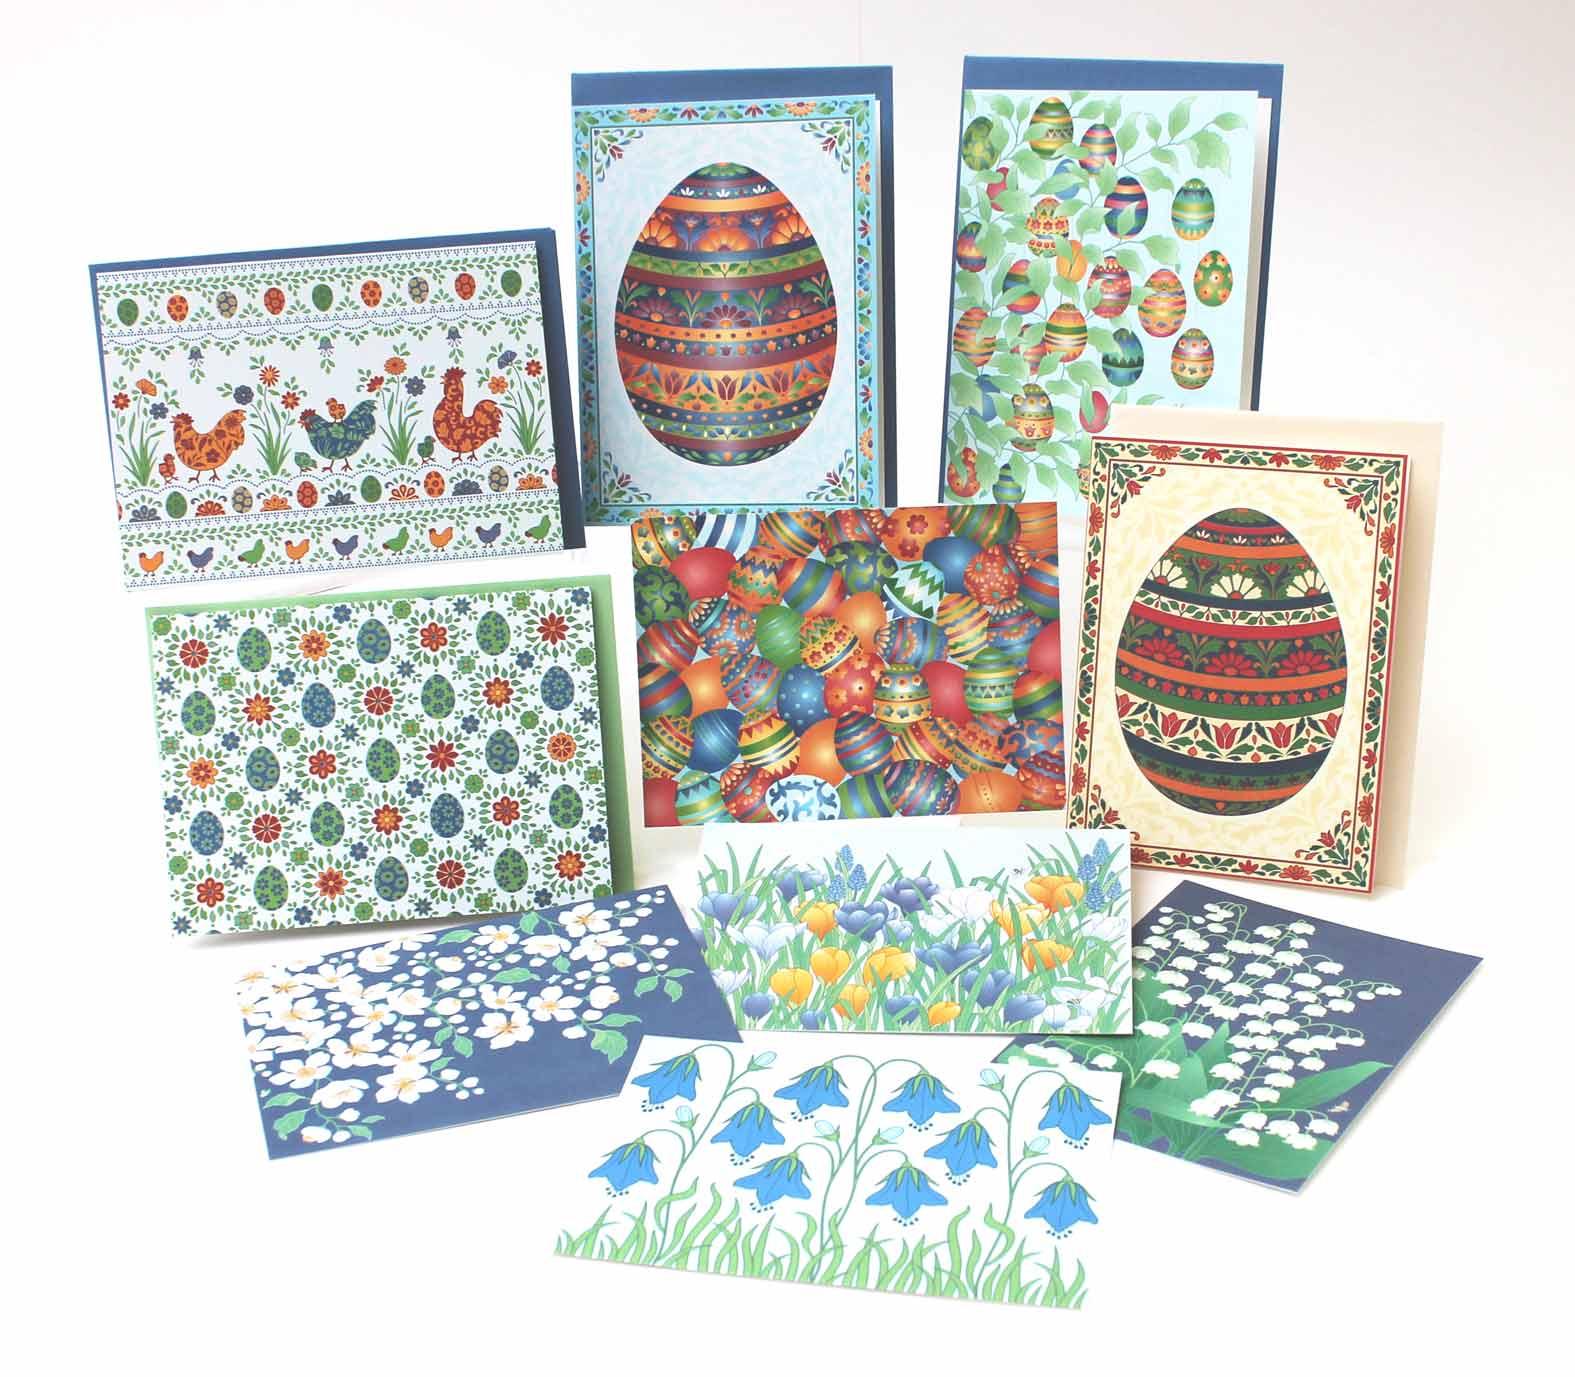 Karten und Papiere zum Frühling von Lazzaro Art © Beatrix Lazzaro